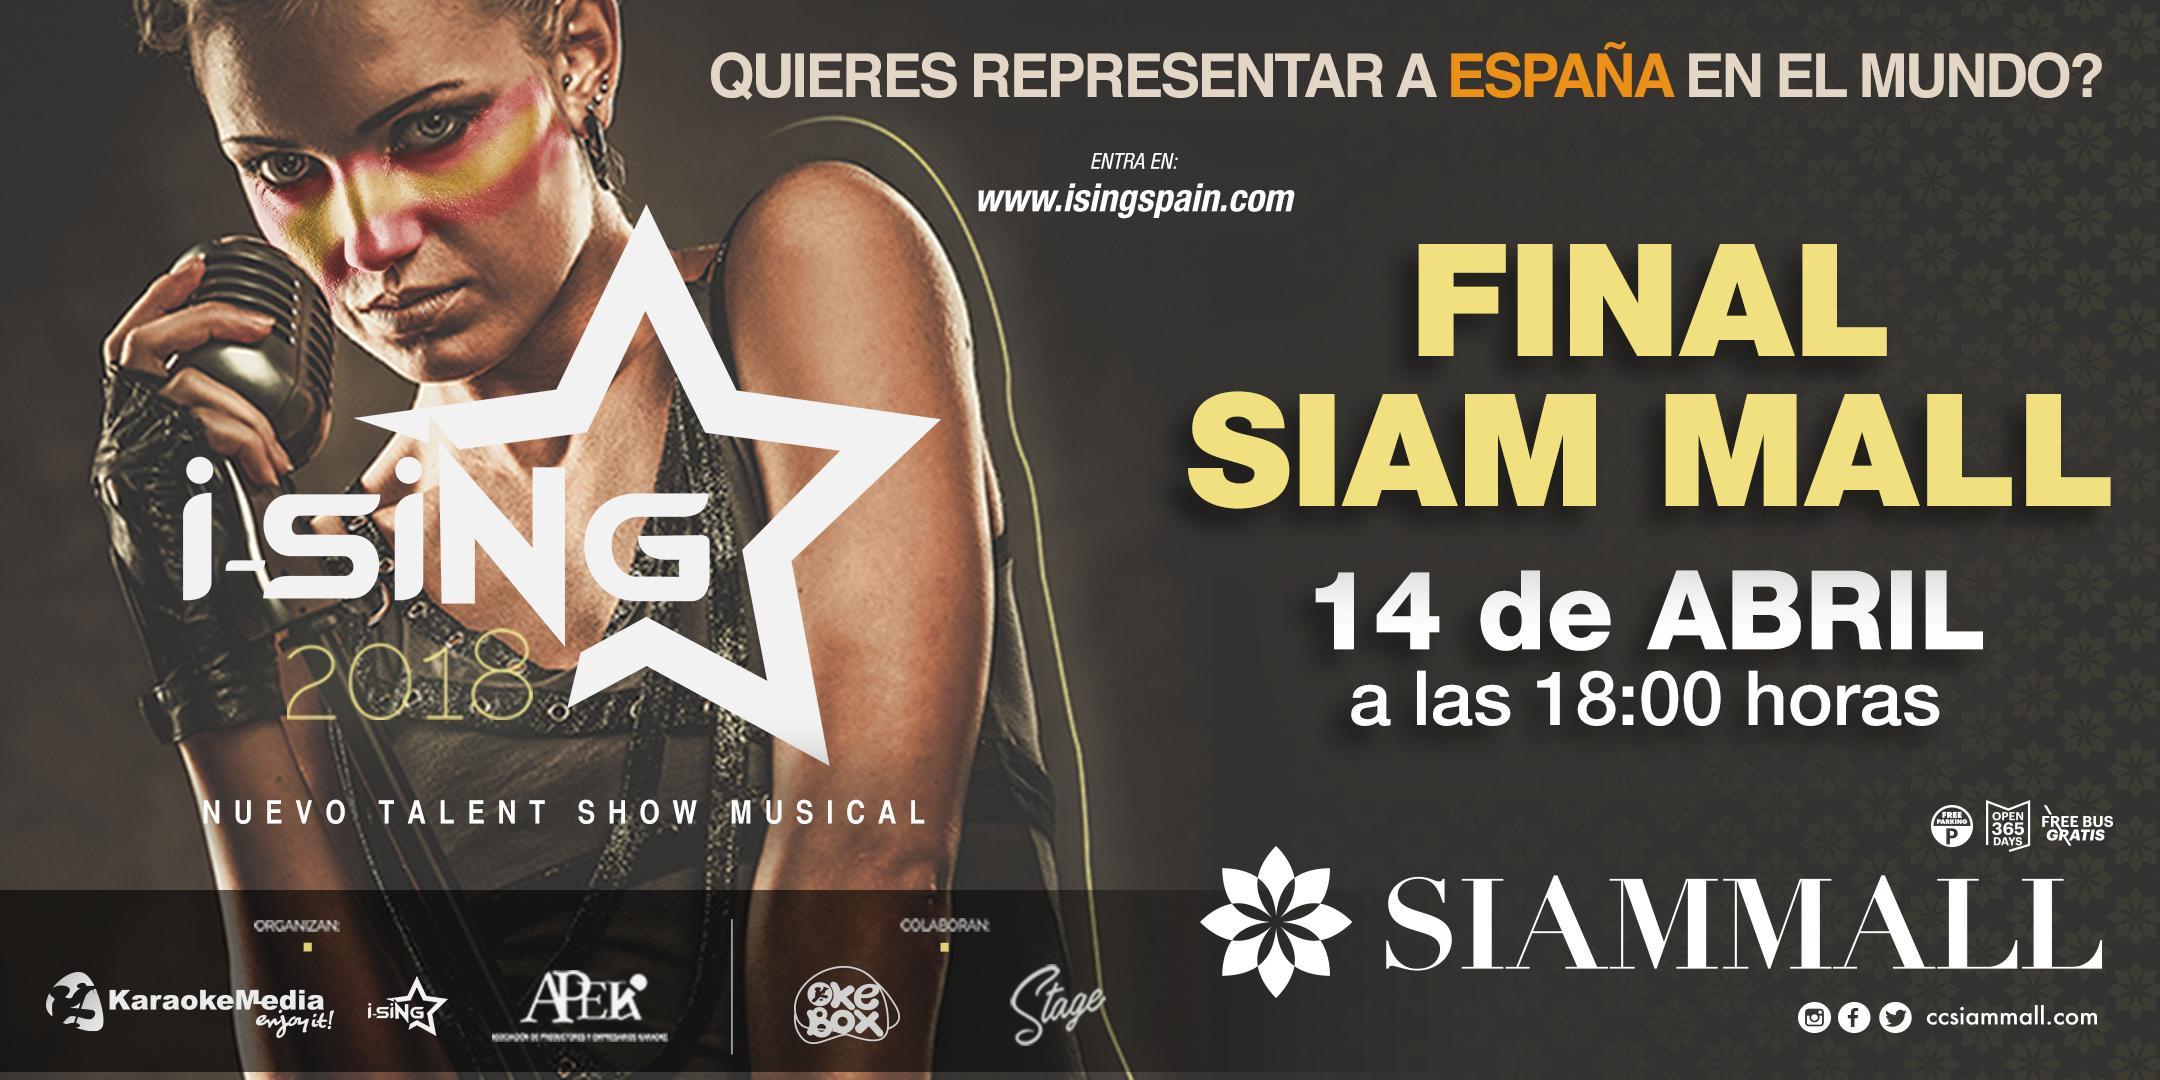 Final I-Sing en Siam Mall